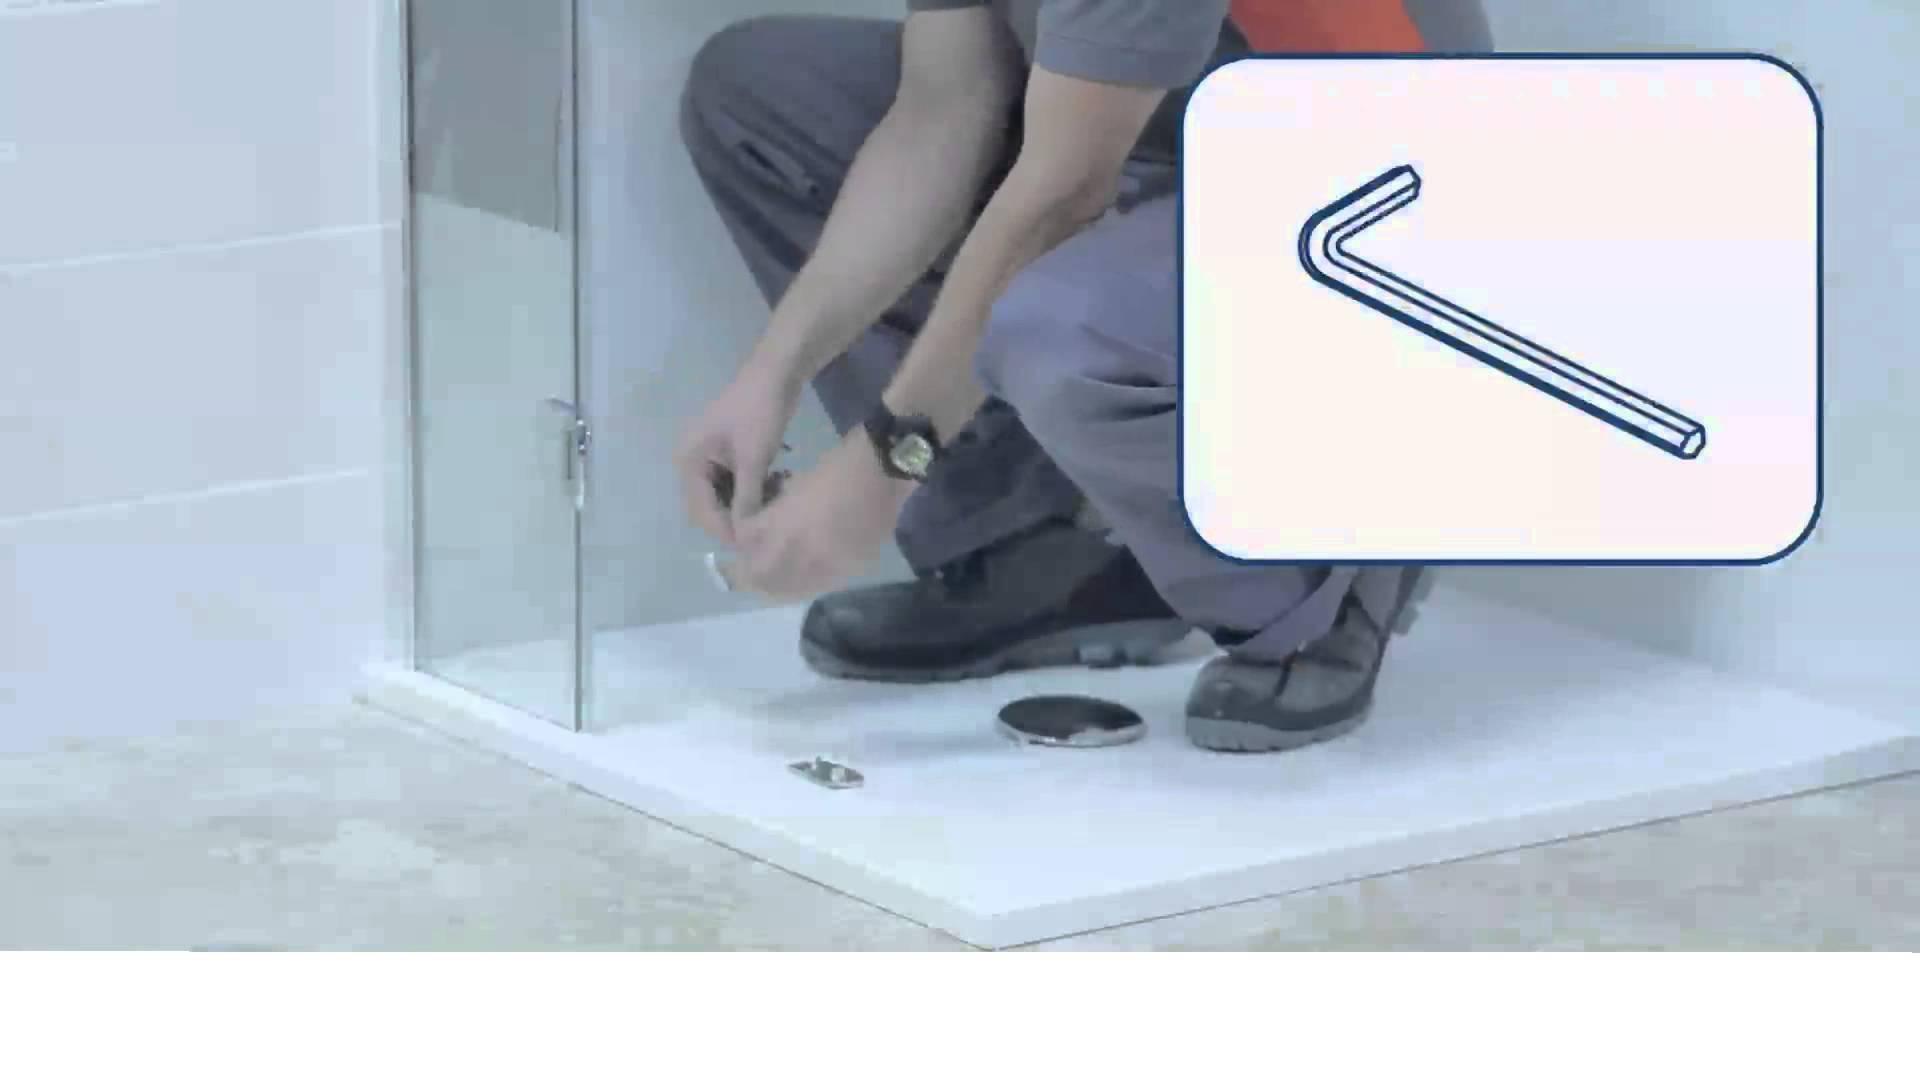 Instalaci n de mamparas de ba o madrid por 49 euros - Montaje mampara ducha ...